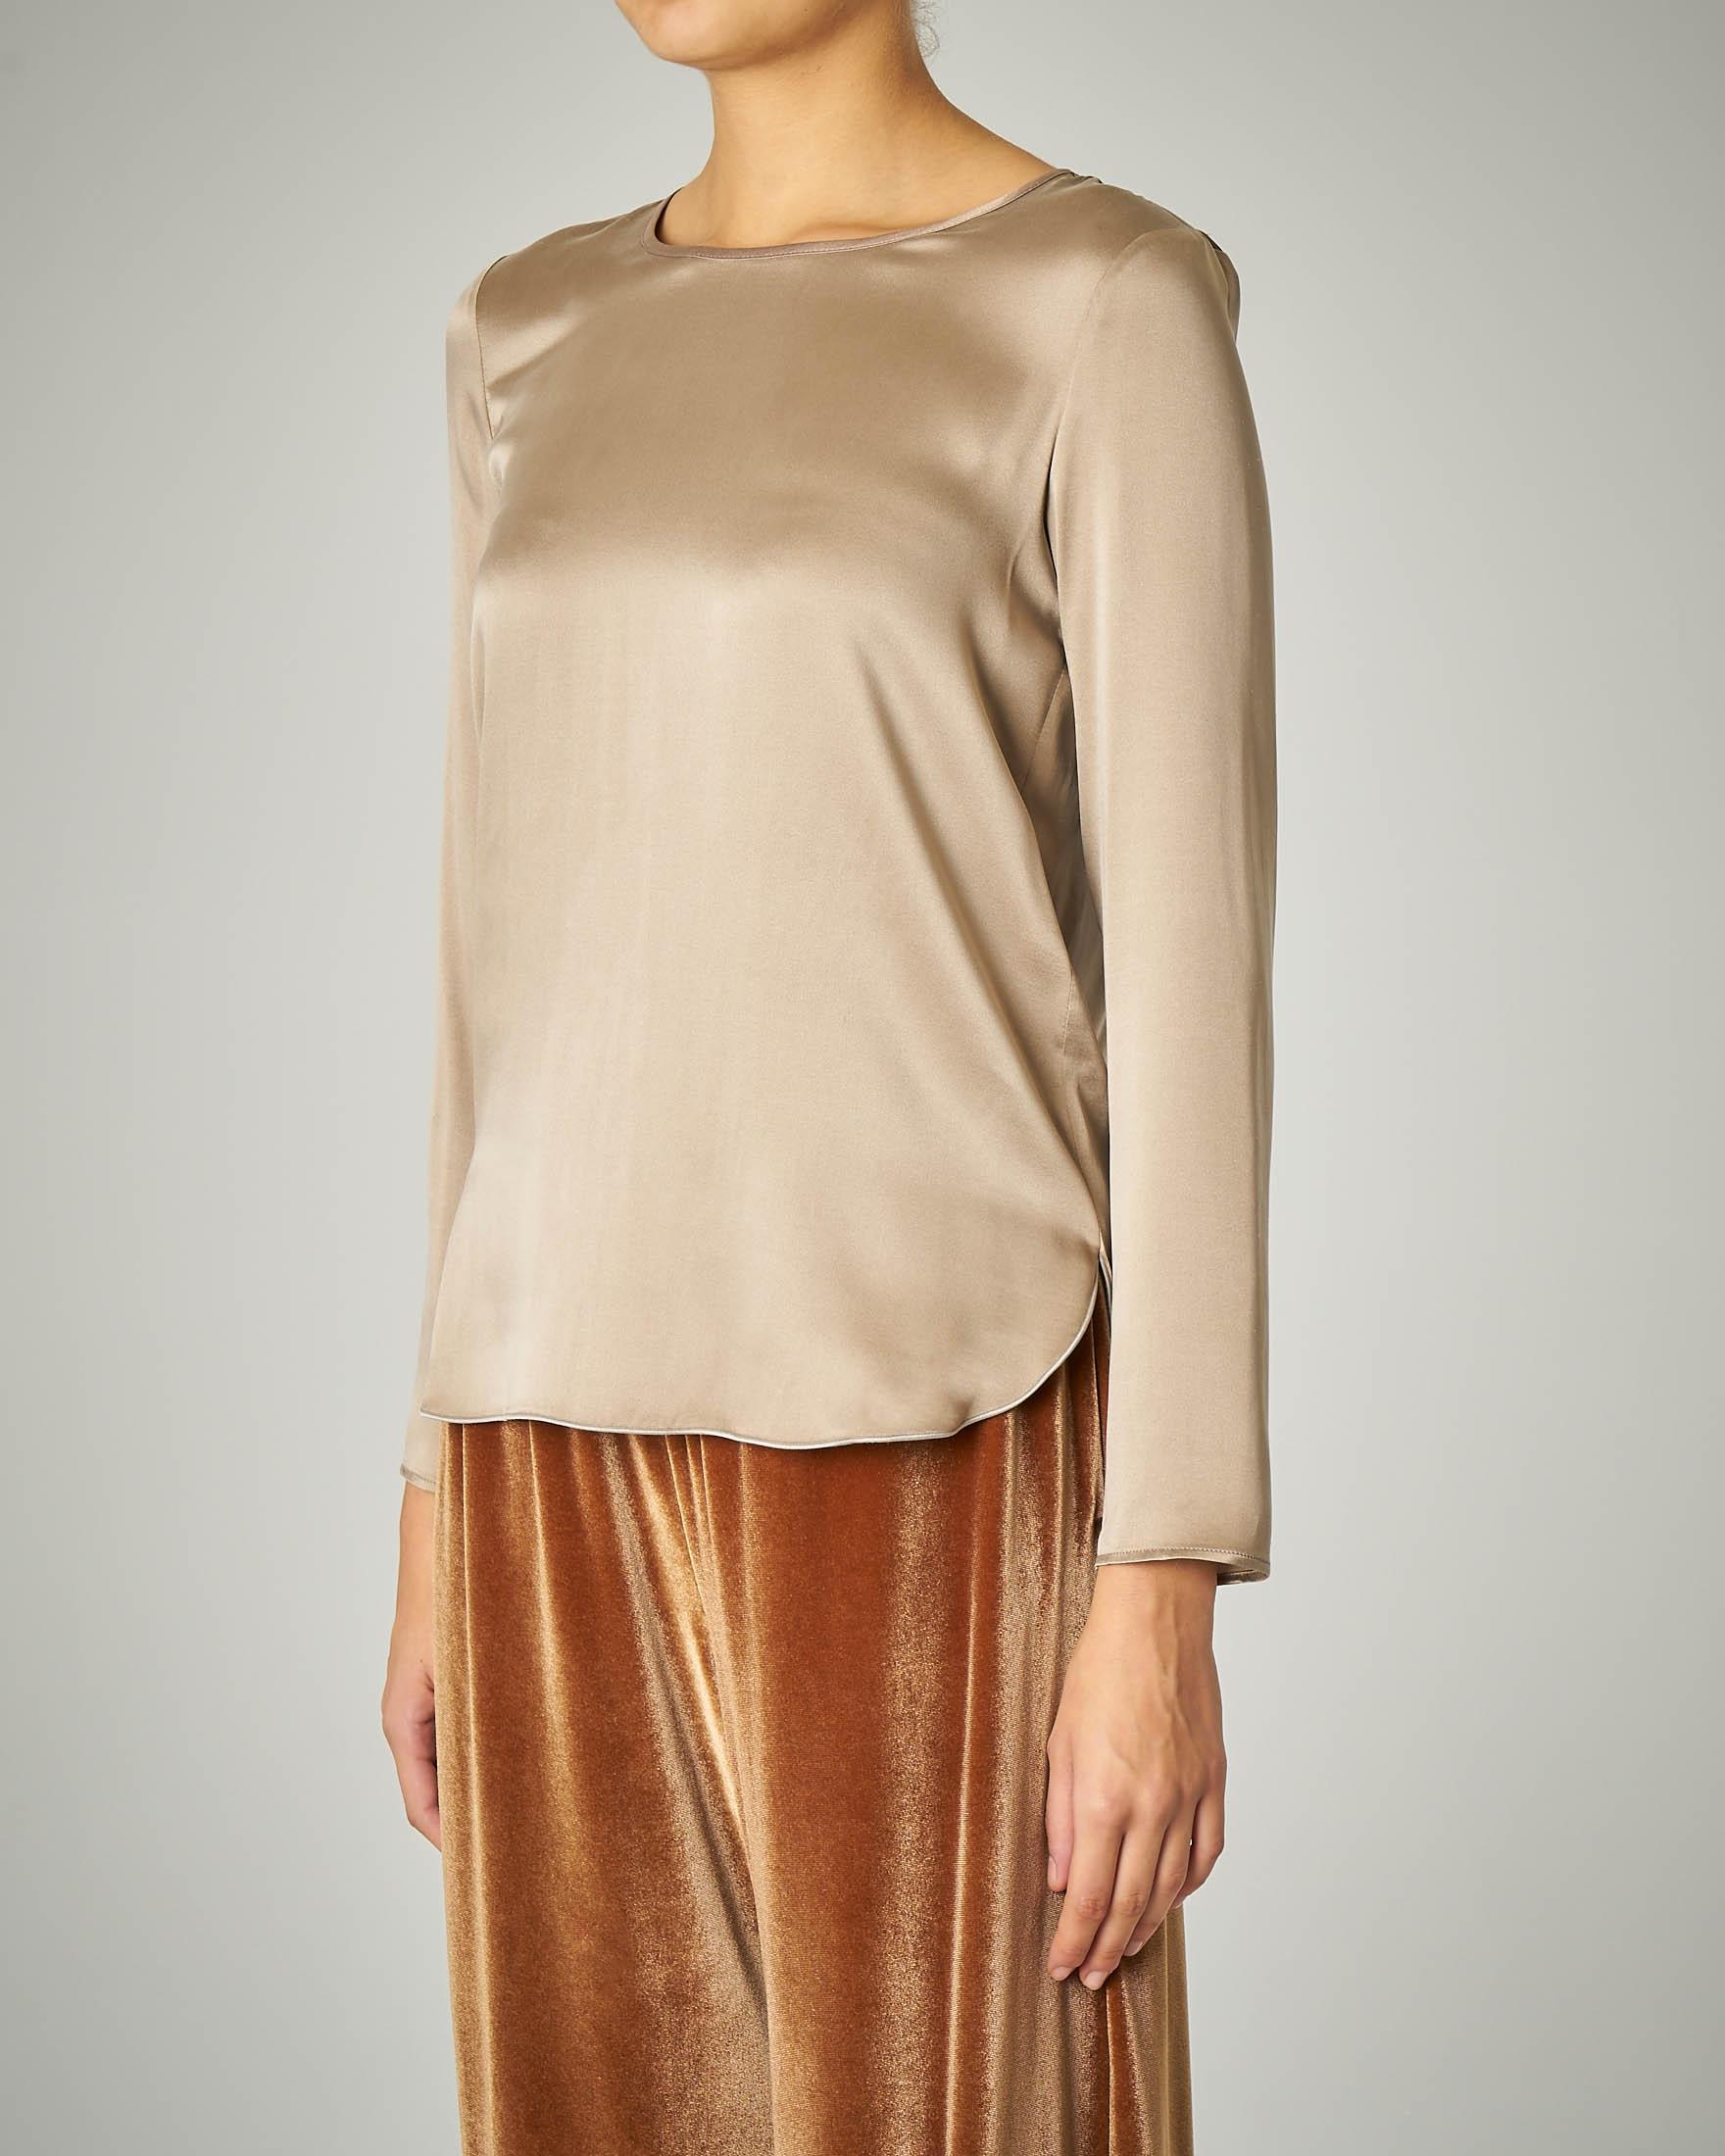 Blusa in crêpe di seta color beige